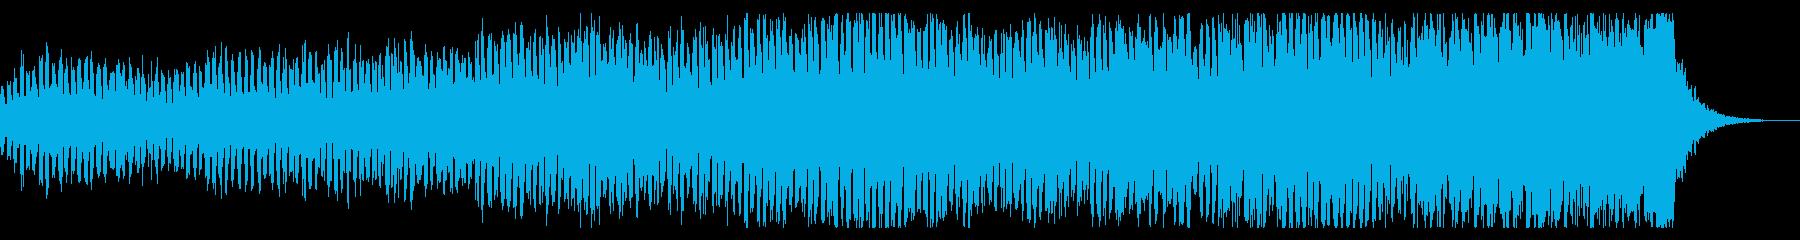 途方に暮れる/和音続く/80年代サントラの再生済みの波形